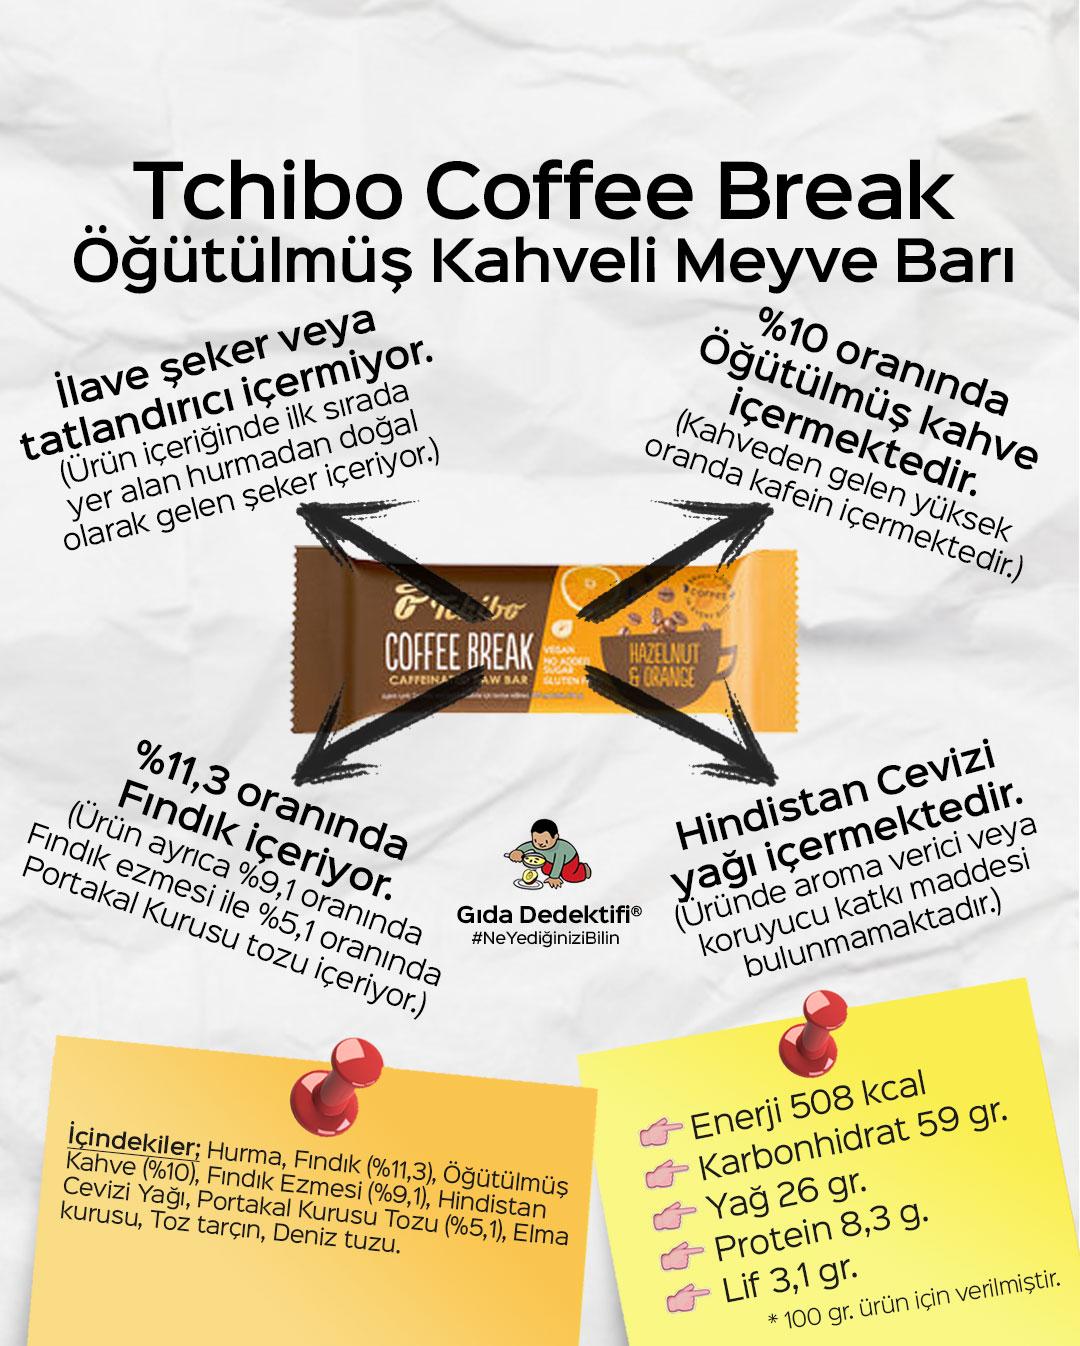 Tchibo Coffee Break Fındık&Portakal - Gıda Dedektifi